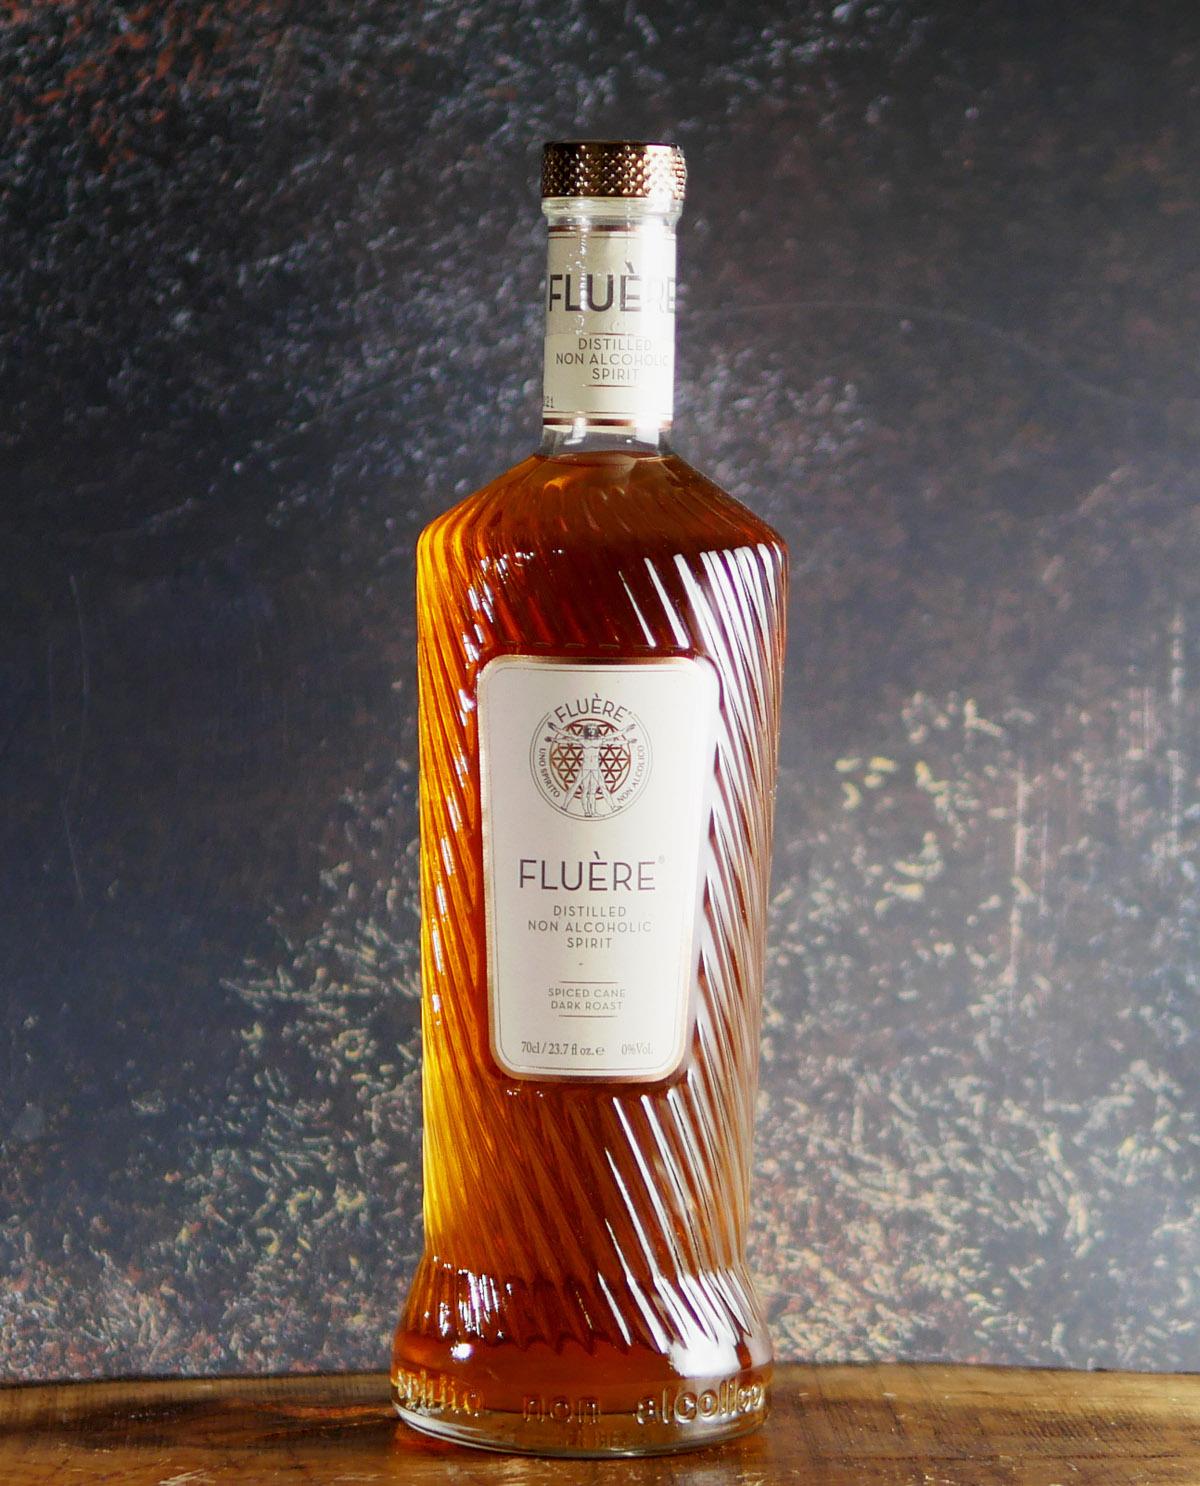 Fluere